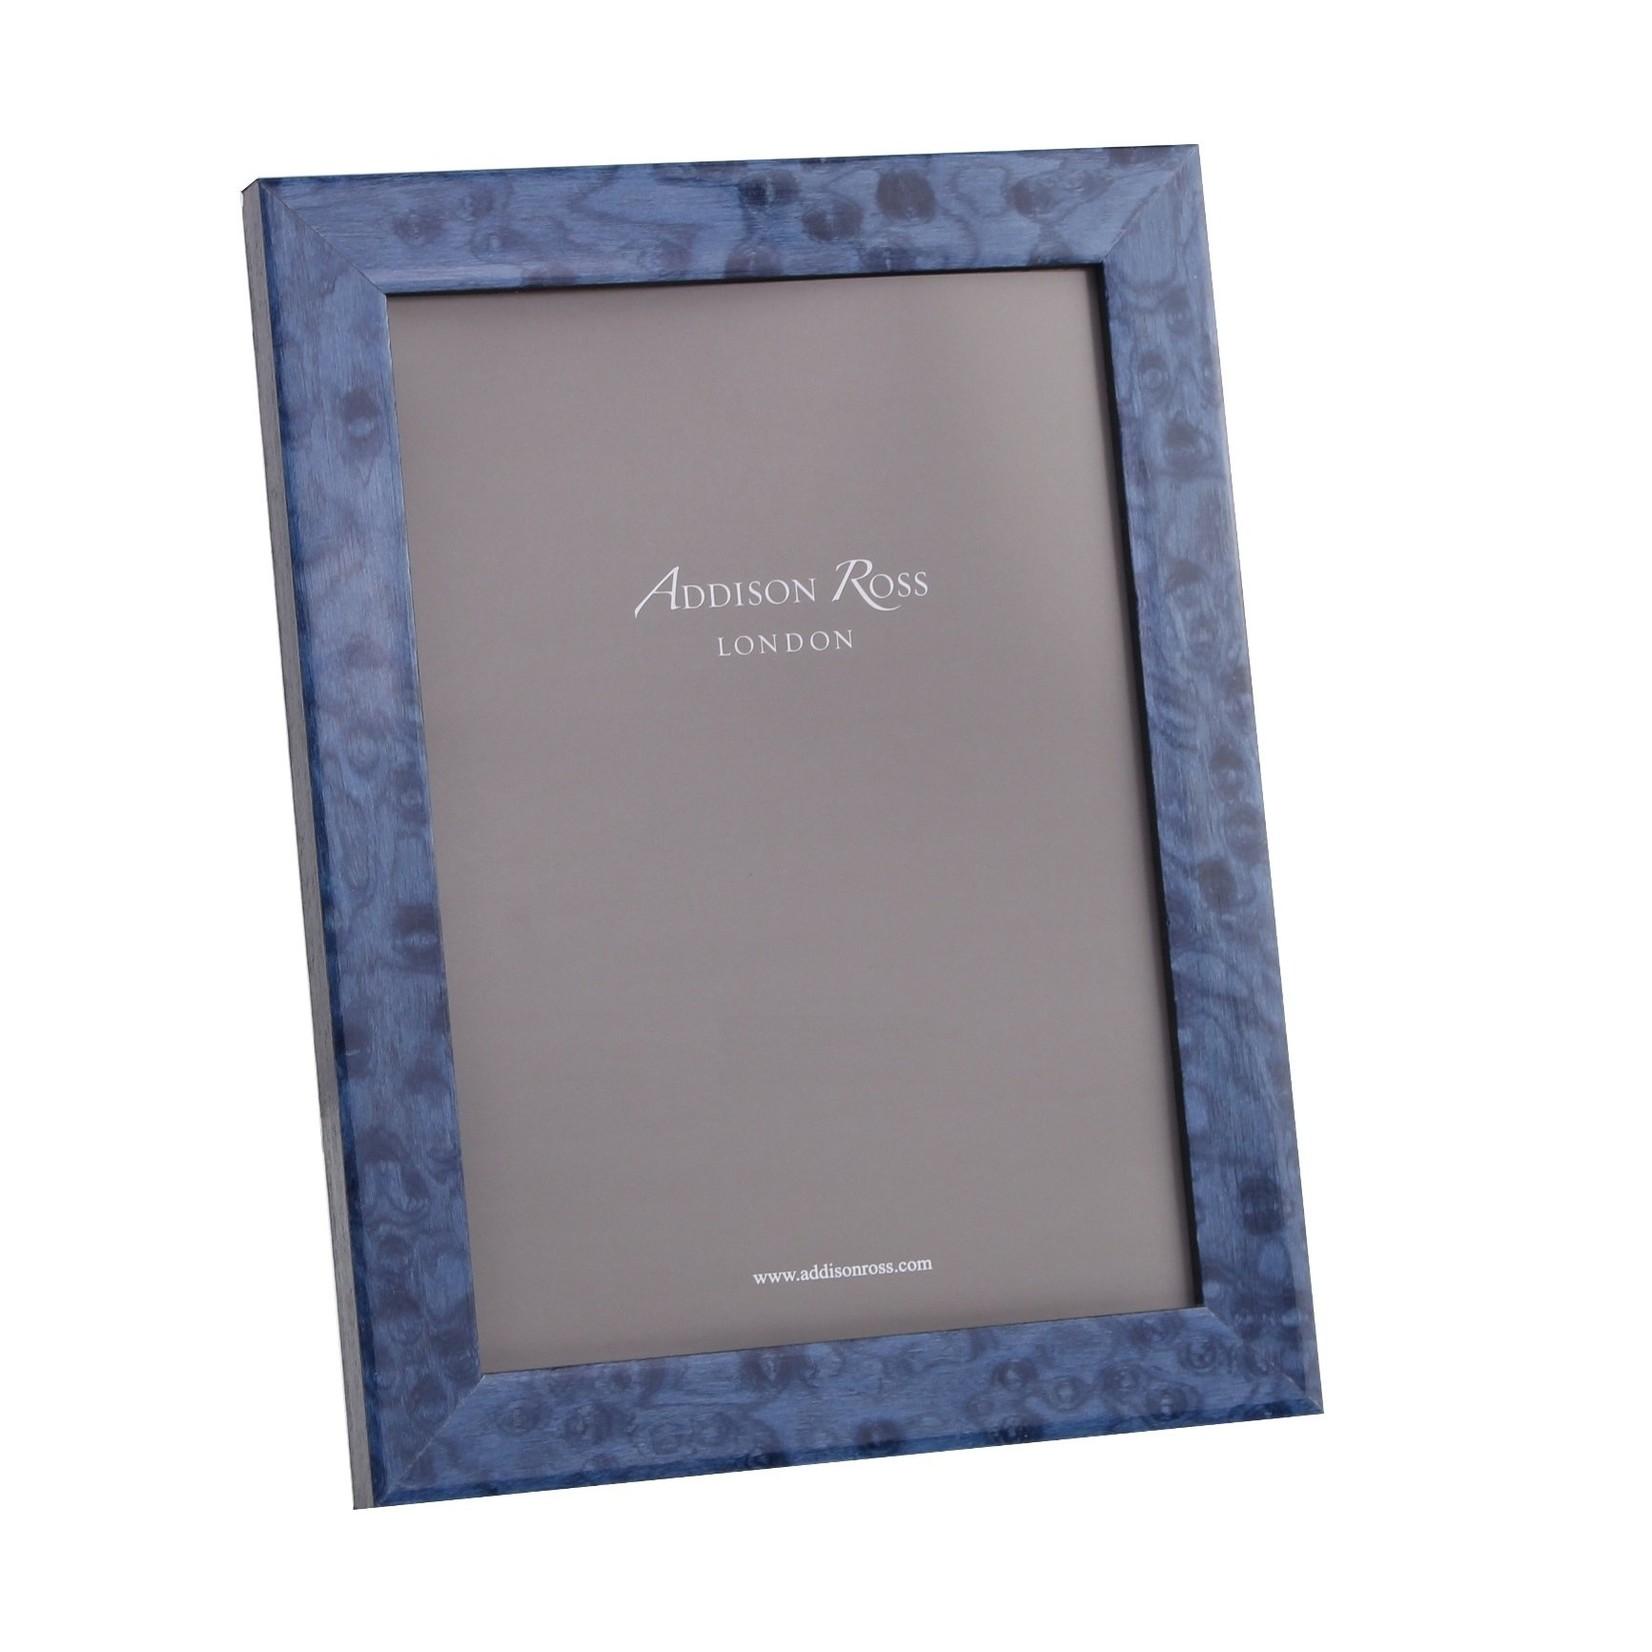 Addison Ross Sapphire Poplar Veneer Frame